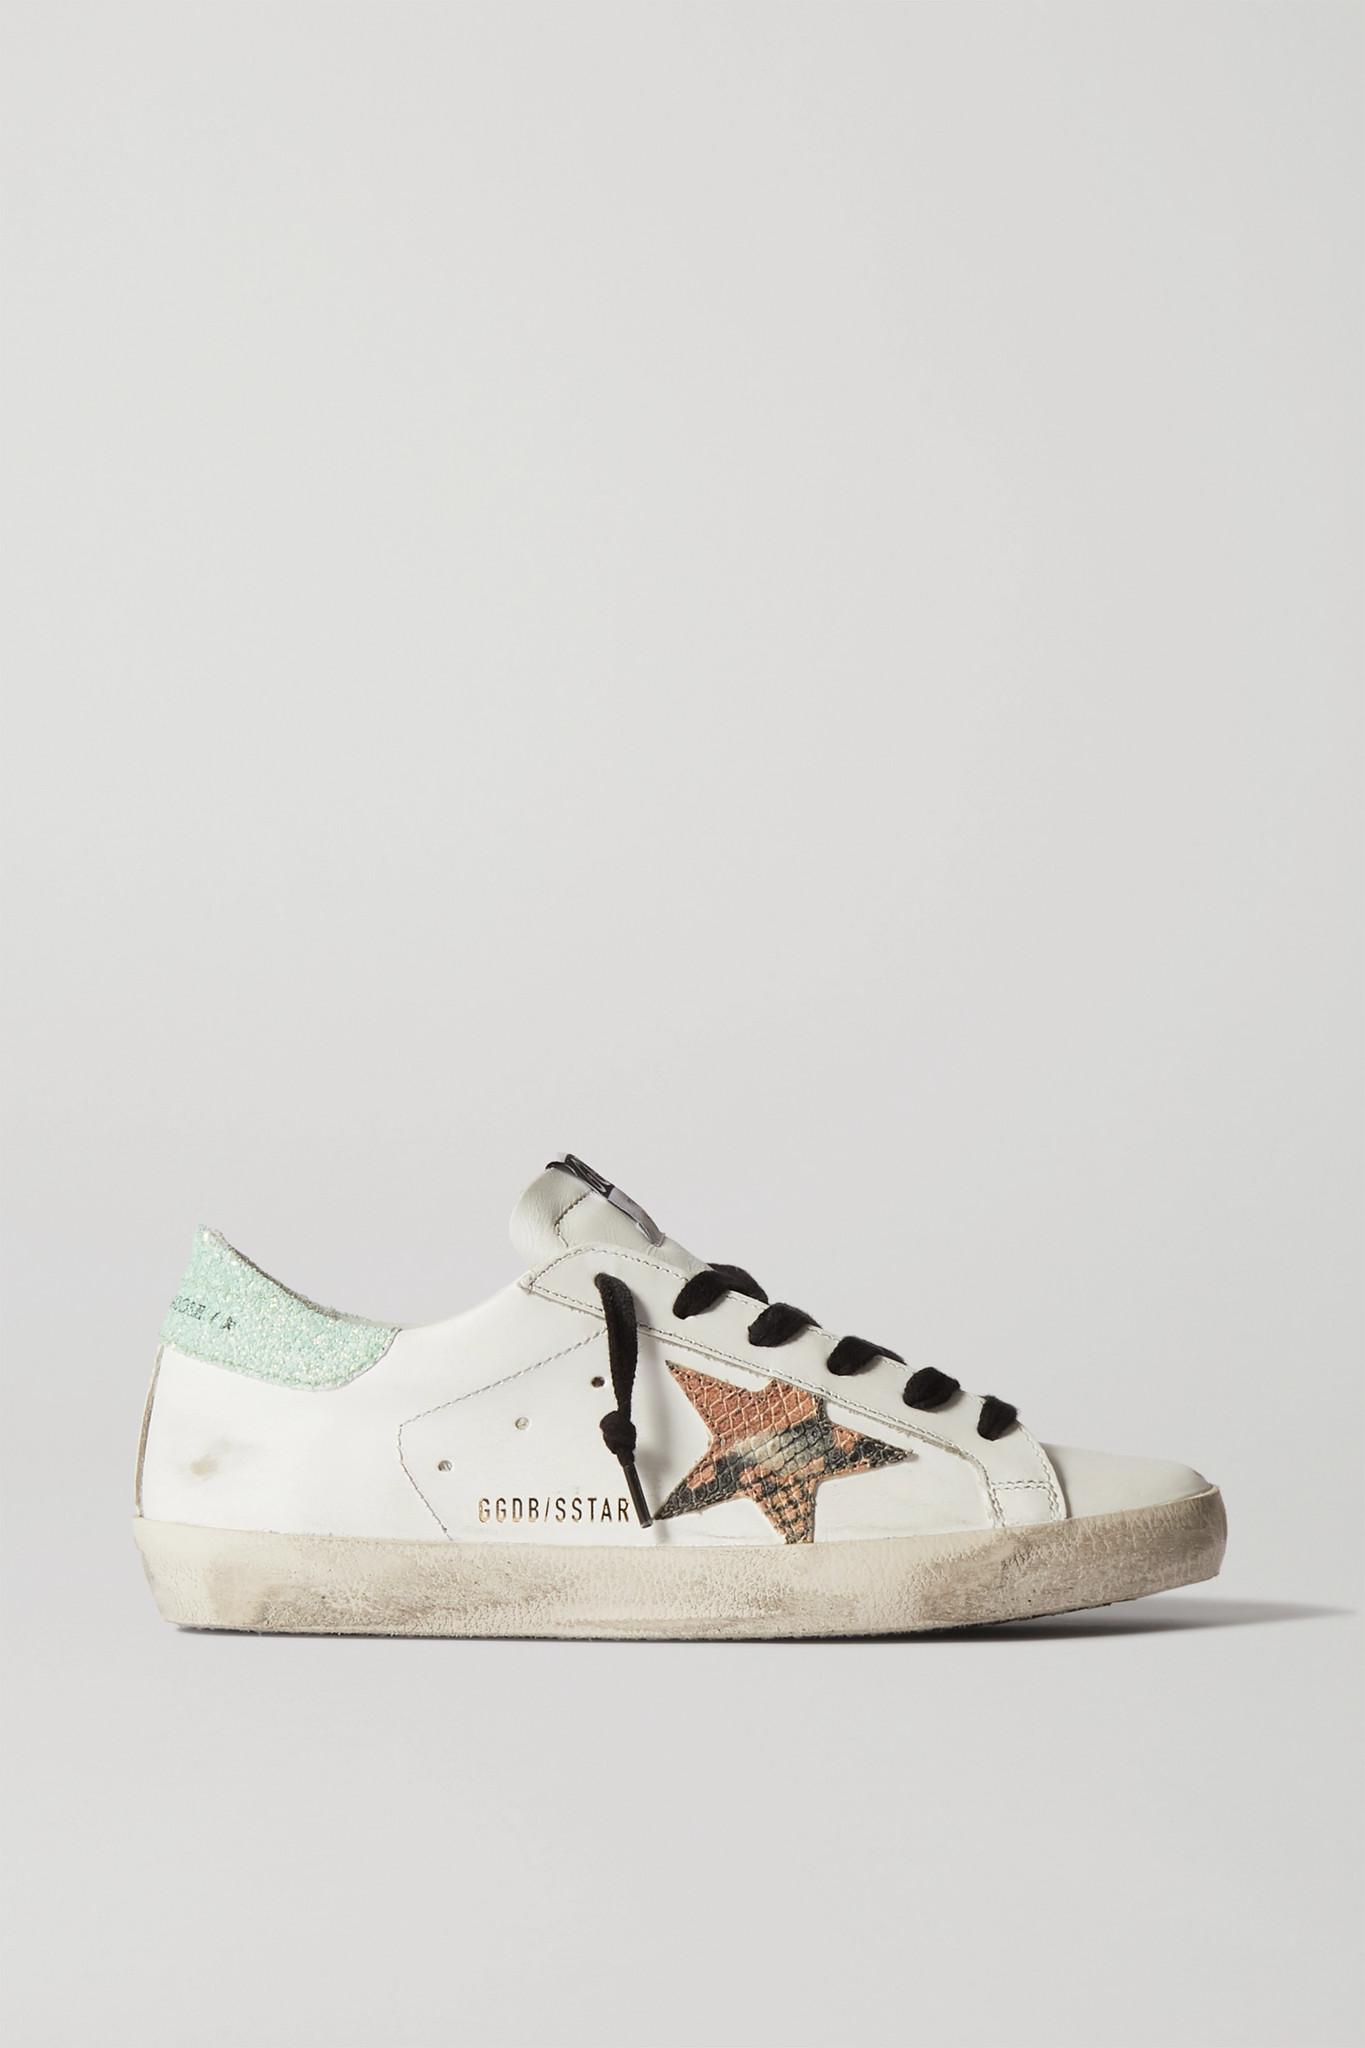 GOLDEN GOOSE - Superstar 仿旧亮片金葱皮革运动鞋 - 白色 - IT42